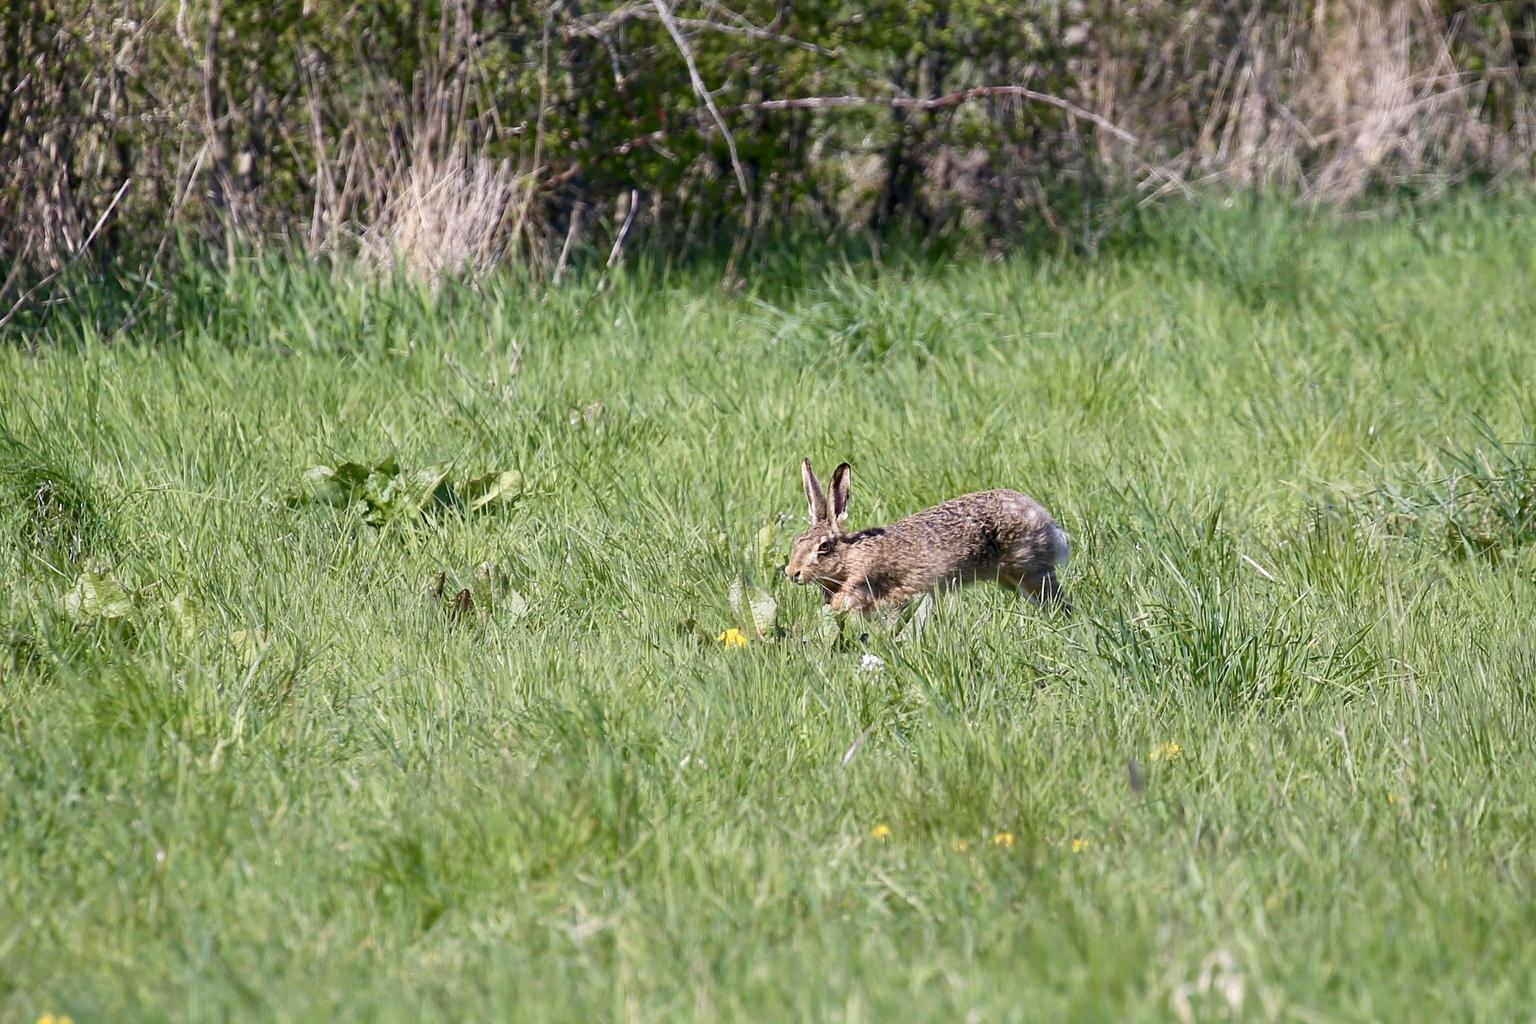 haas - ik kon hem over een hele afstand volgen naar mij toe. Hij zag me, maar had geen vluchtneigingen. - foto door Ebben op 17-04-2021 - deze foto bevat: konijn, fabriek, ecoregio, konijnen en hazen, haas, zoogdier, gras, bek, fawn, mountain cottontail